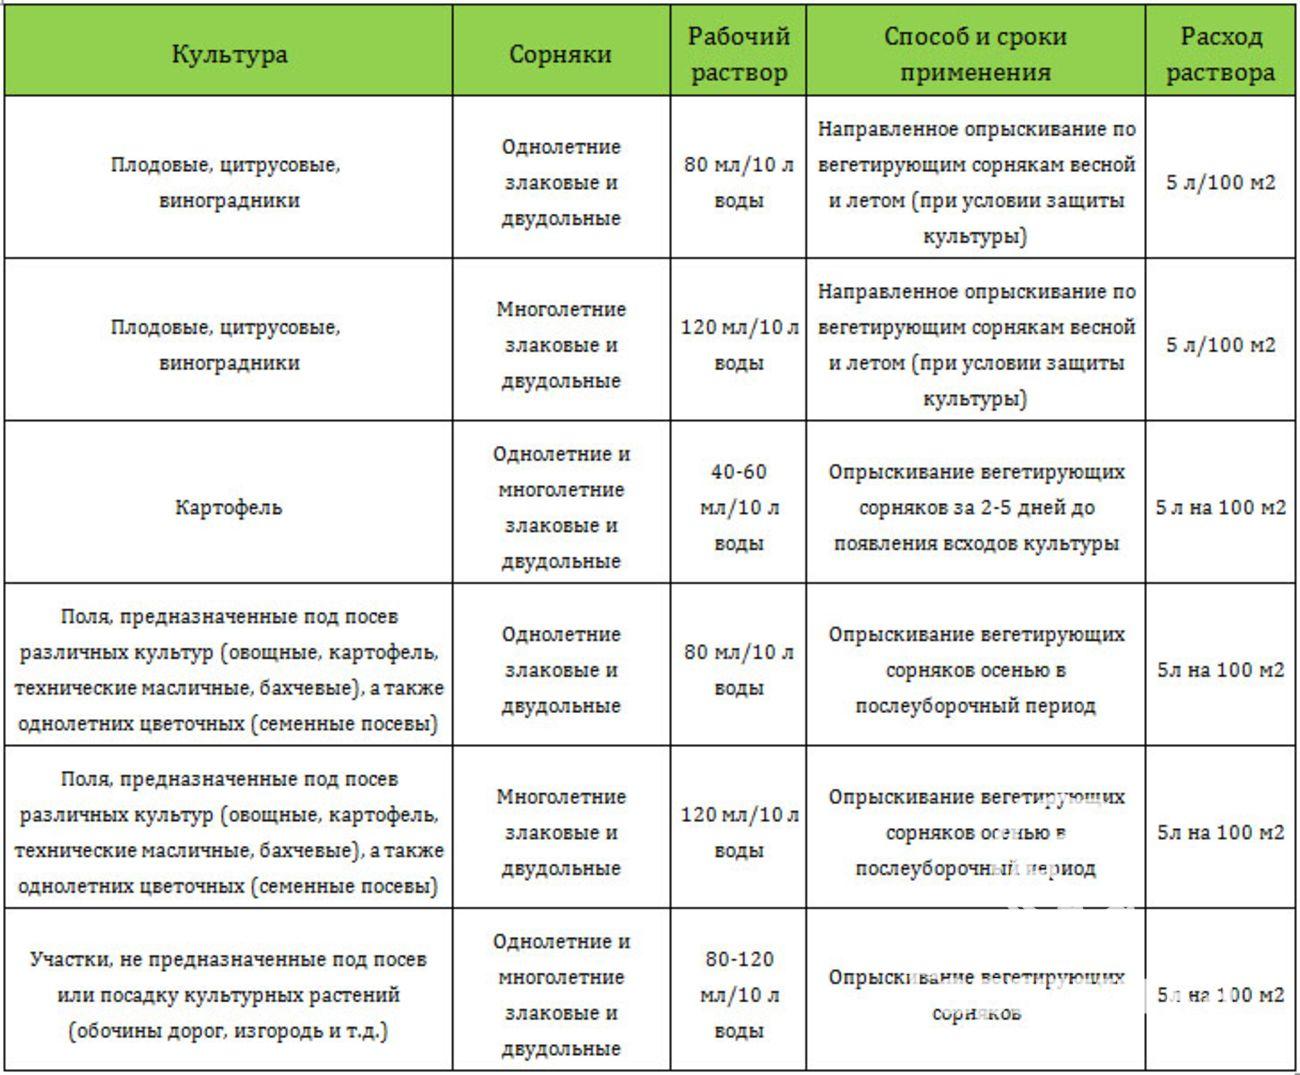 Шогун: инструкция по применению и состав гербицида, дозировка и аналоги